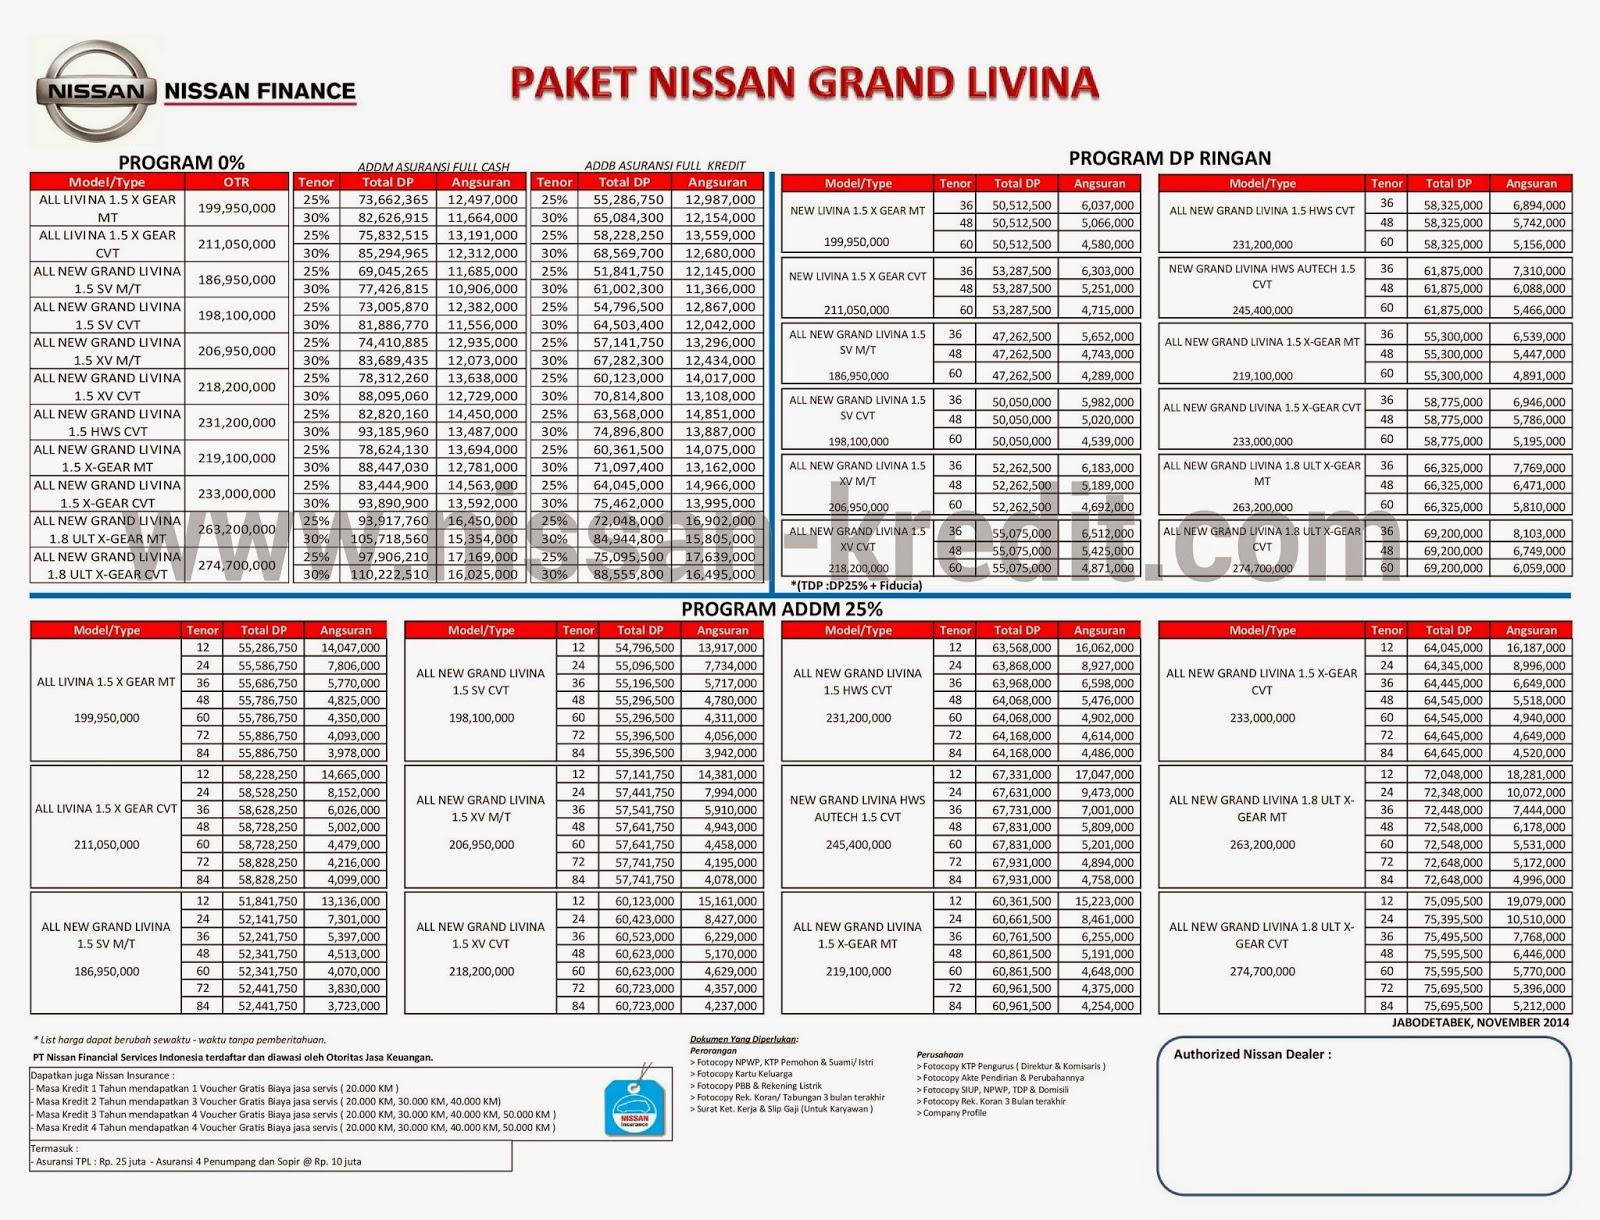 Jual Mobil Nissan Grand Livina 2012 Xv 15 Di Jawa Timur Harga Wiring Diagram Kredit Diagrams